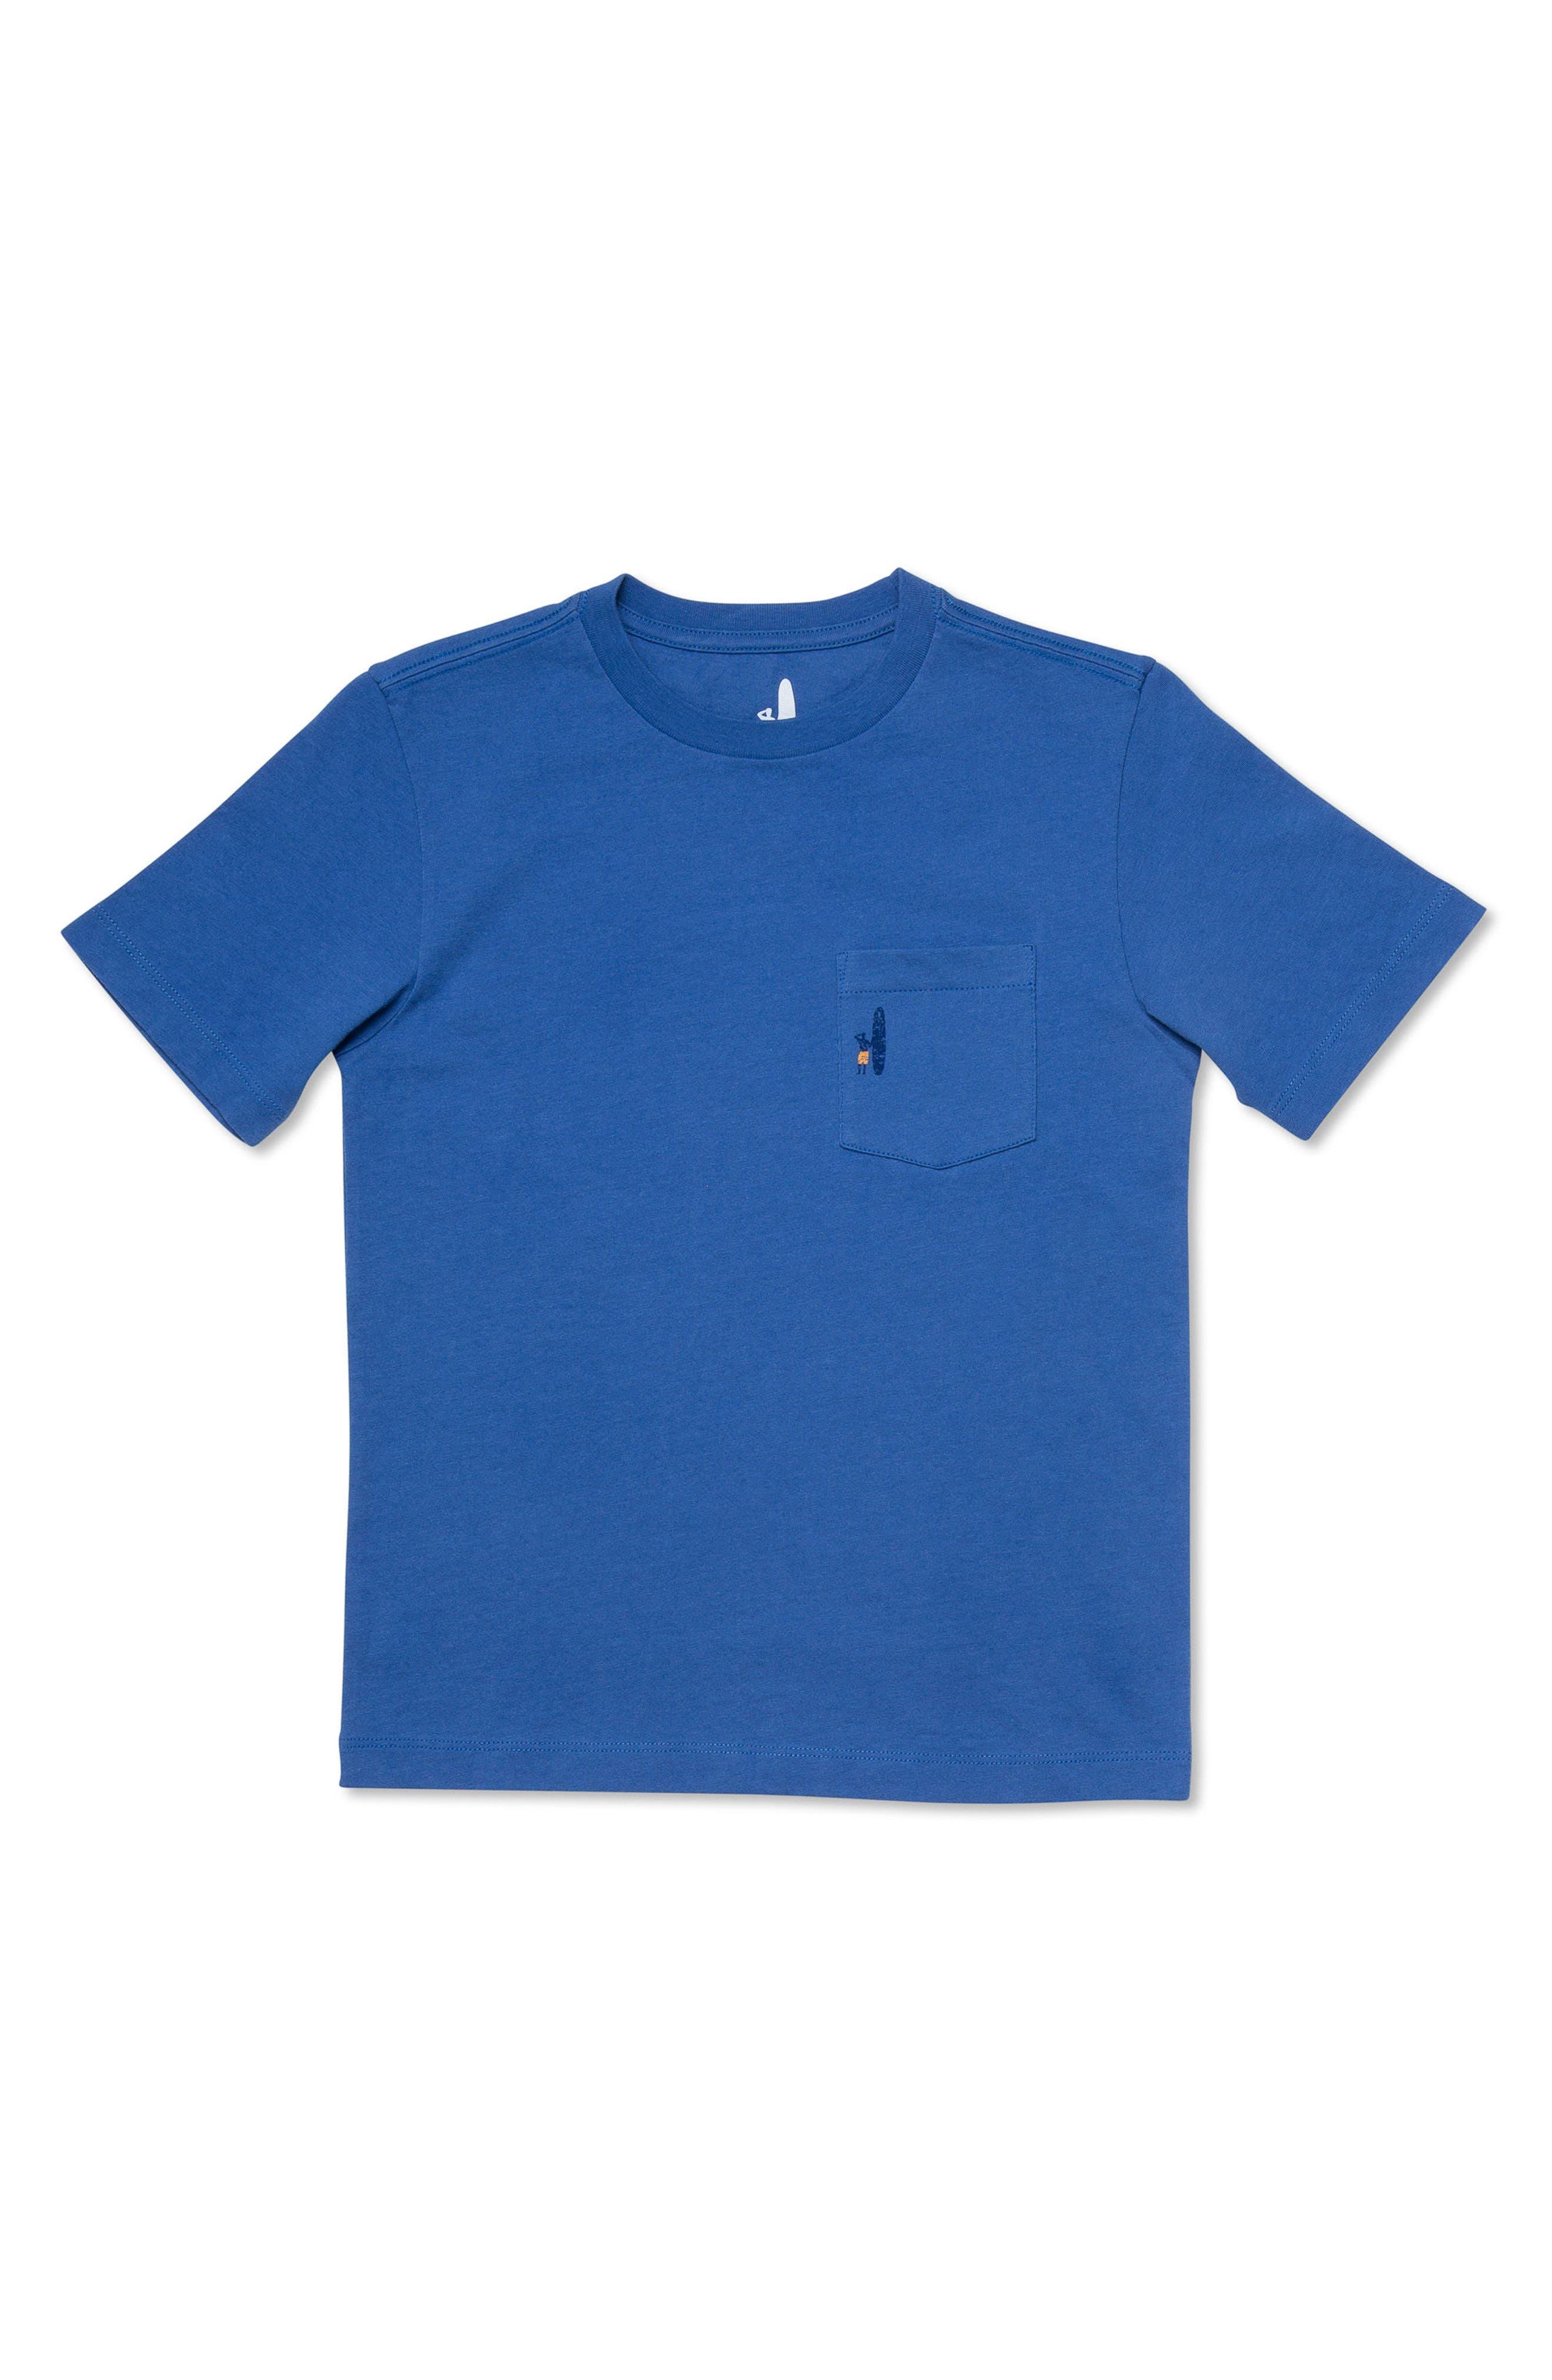 Heatwave Graphic Pocket T-Shirt,                             Main thumbnail 1, color,                             Laguna Blue